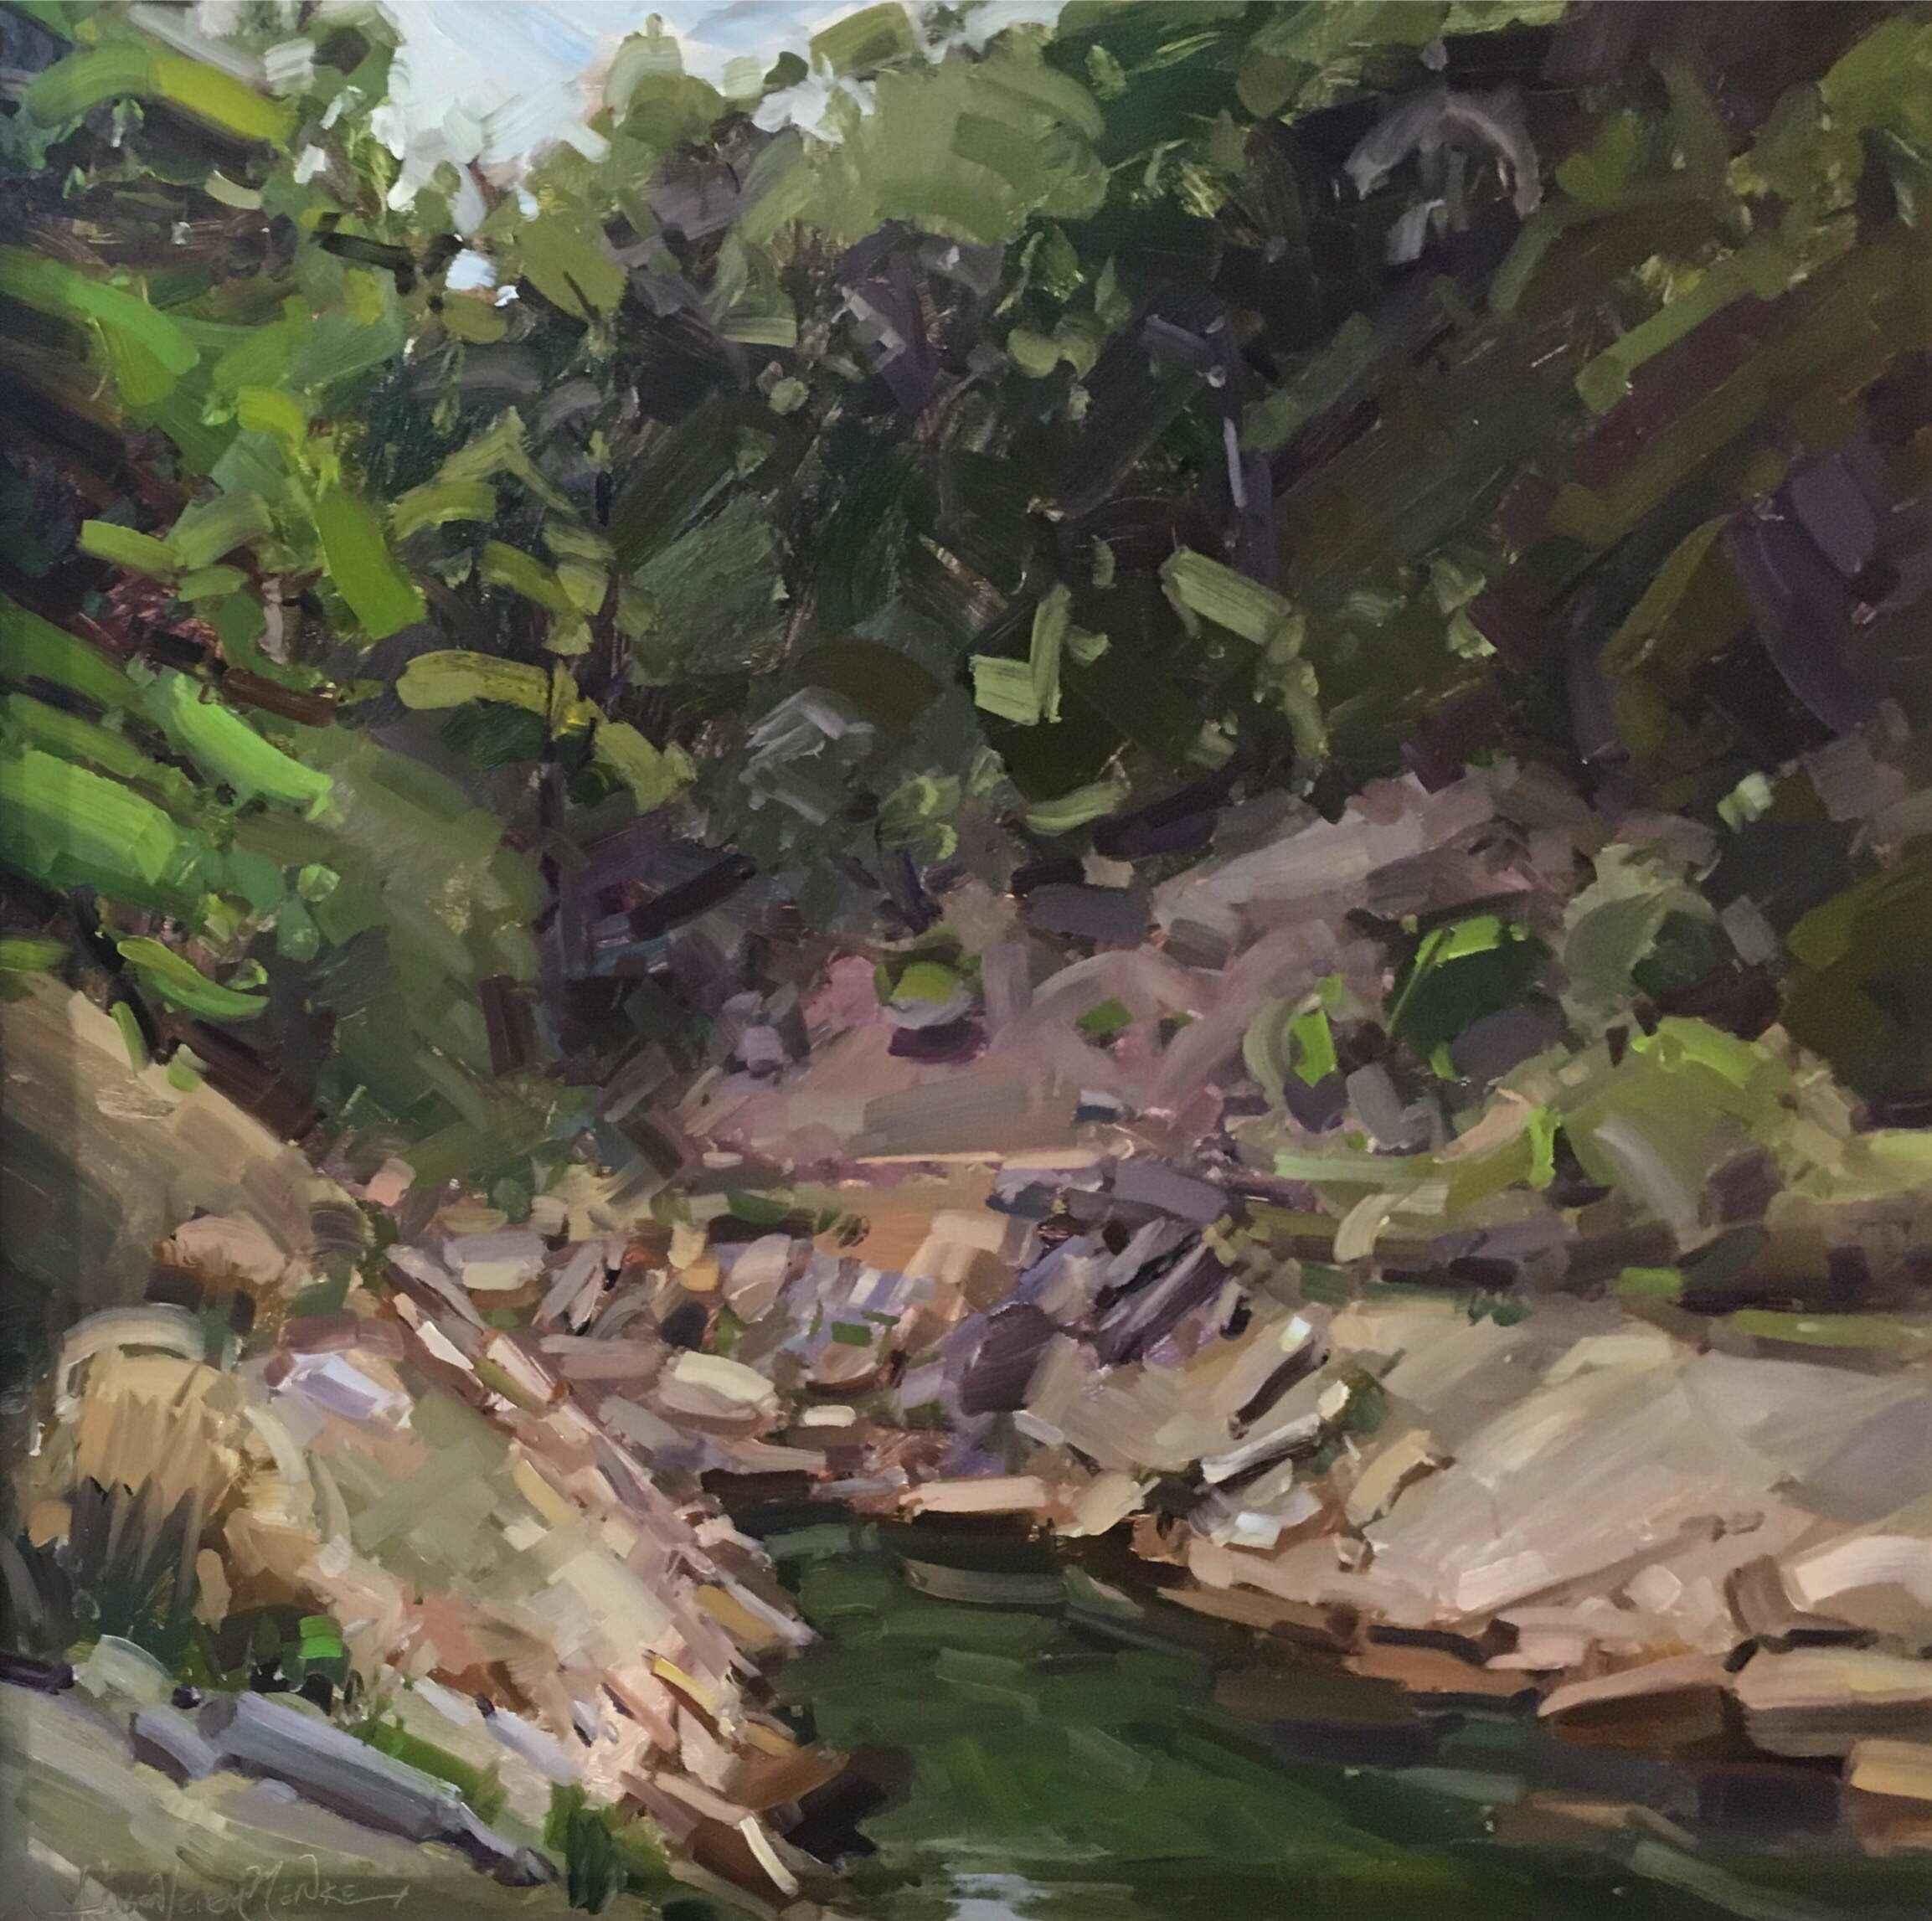 The Rocks Below by  Alison Menke - Masterpiece Online